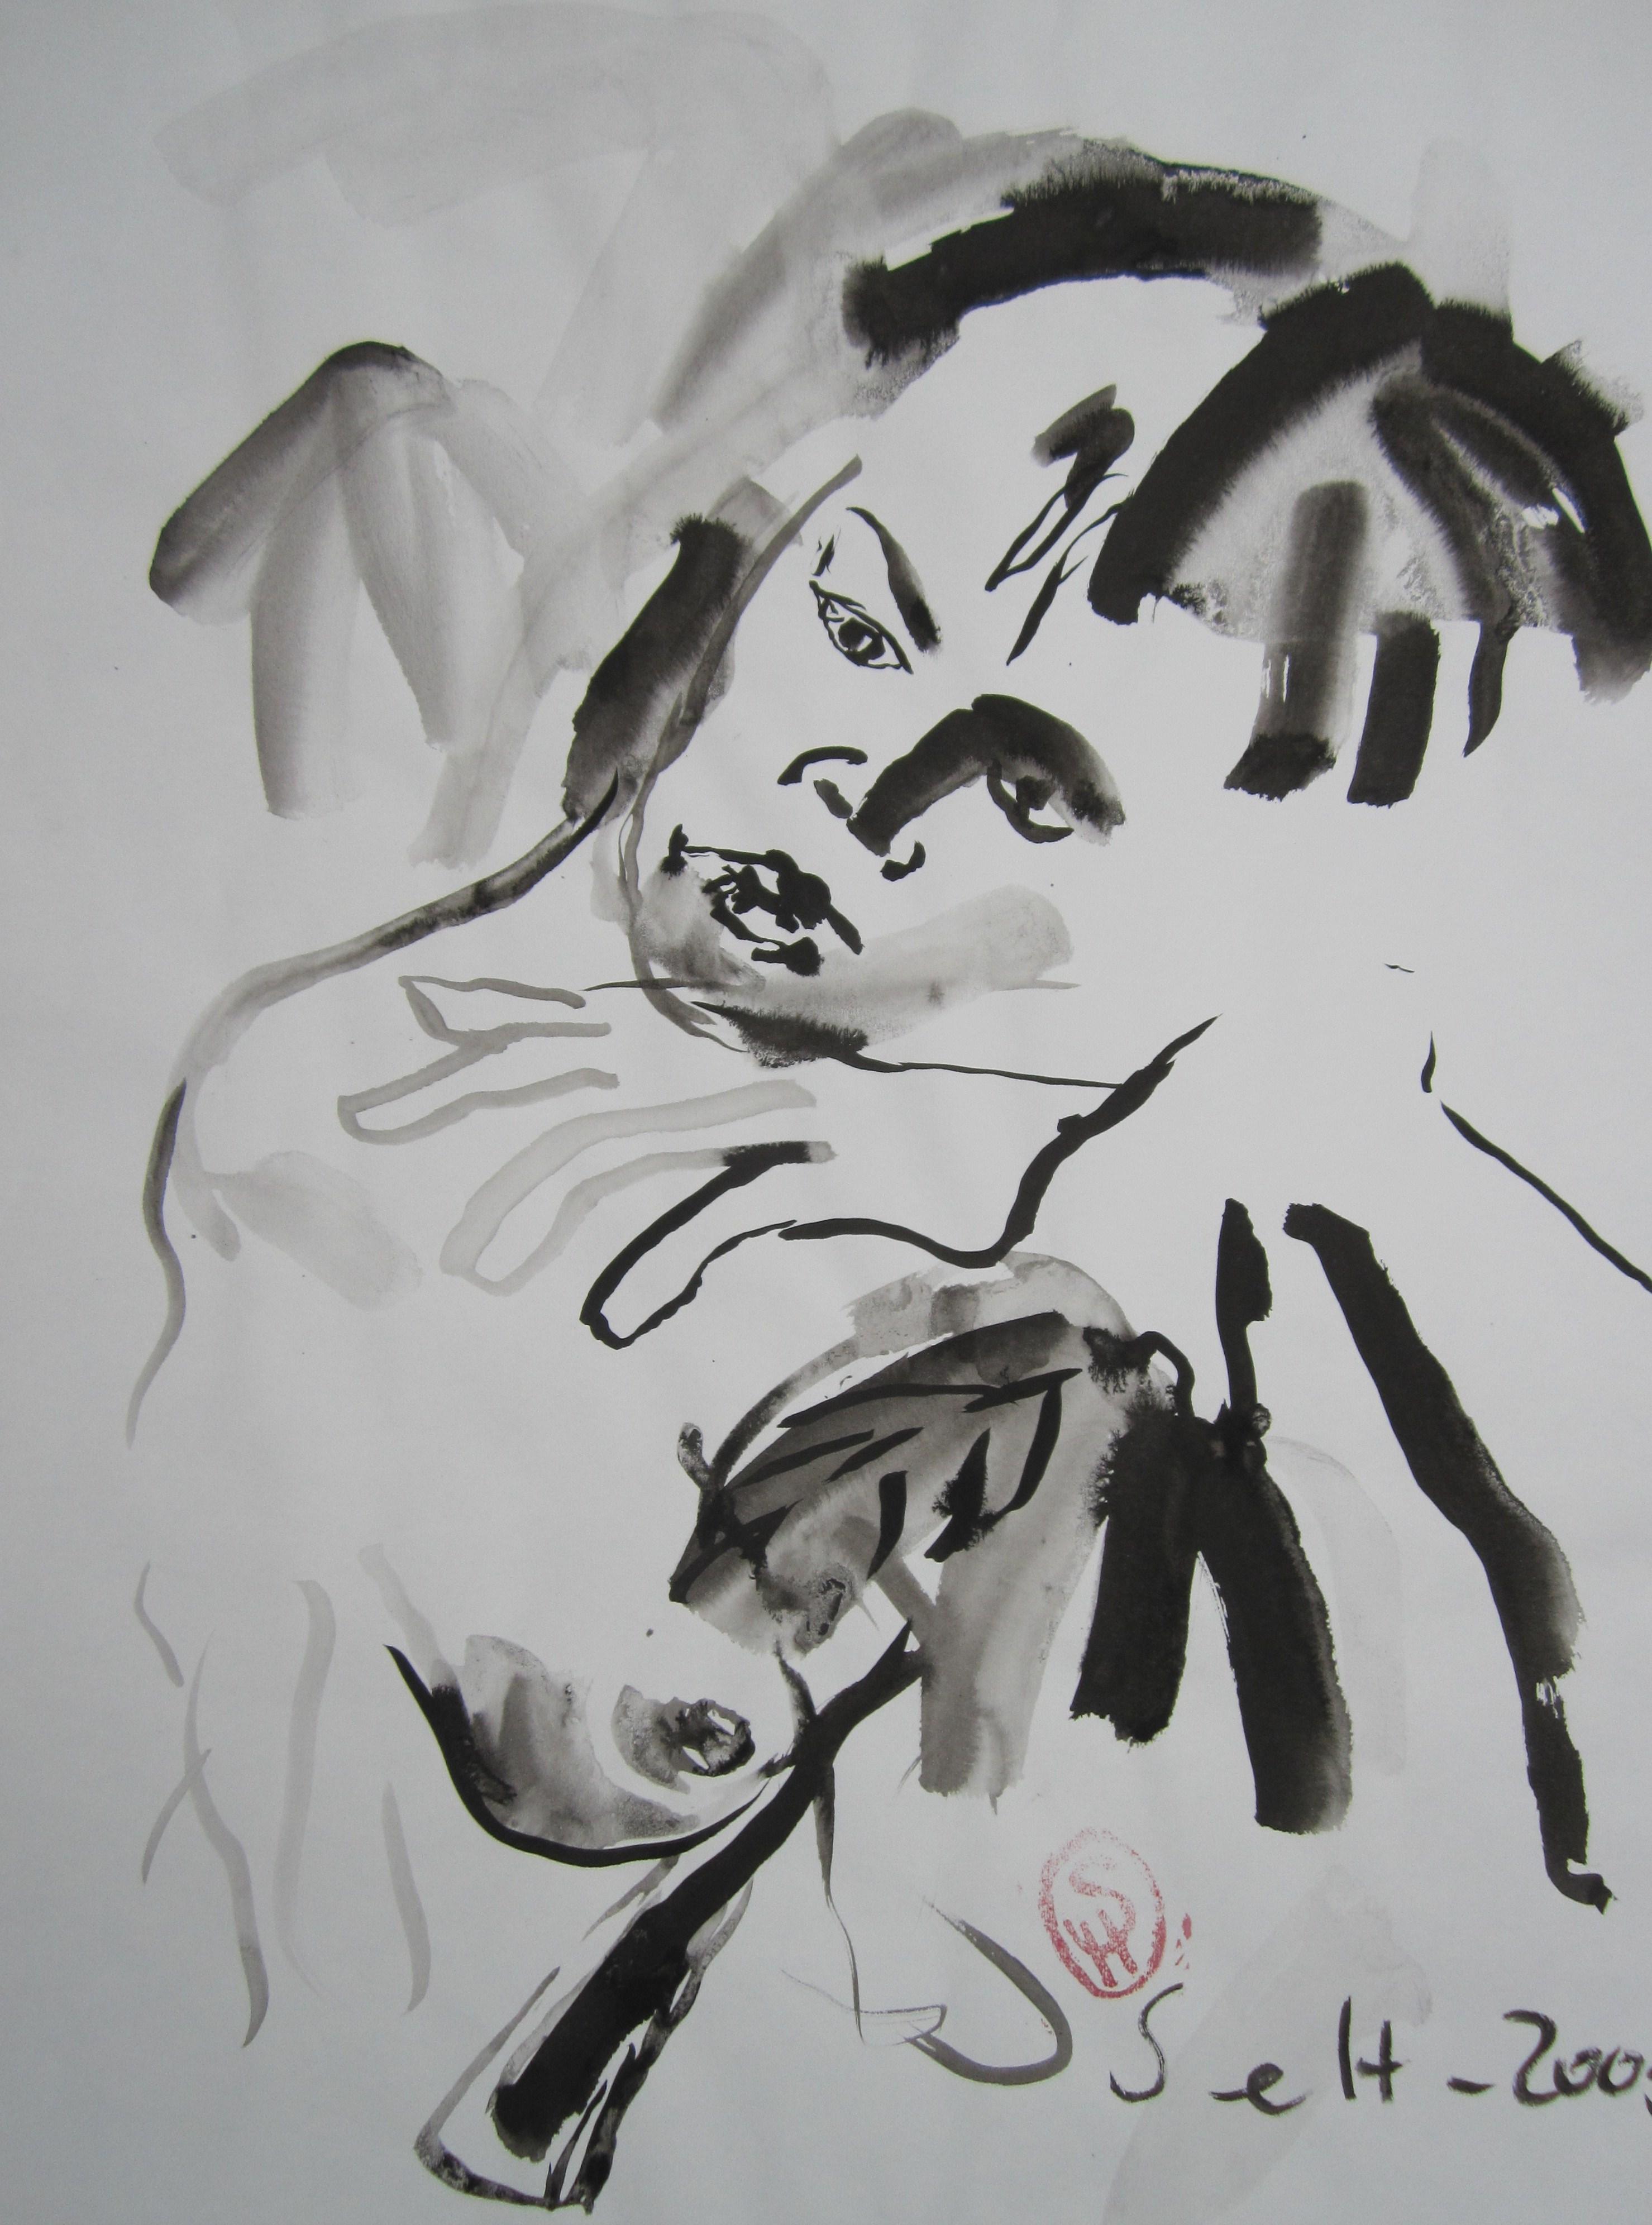 Das Mädchen hörte in den Blättern des Baumes Piktor ein rauschen - 2005 - 70 x 50 cm - Tusche auf Wildseidenpapier